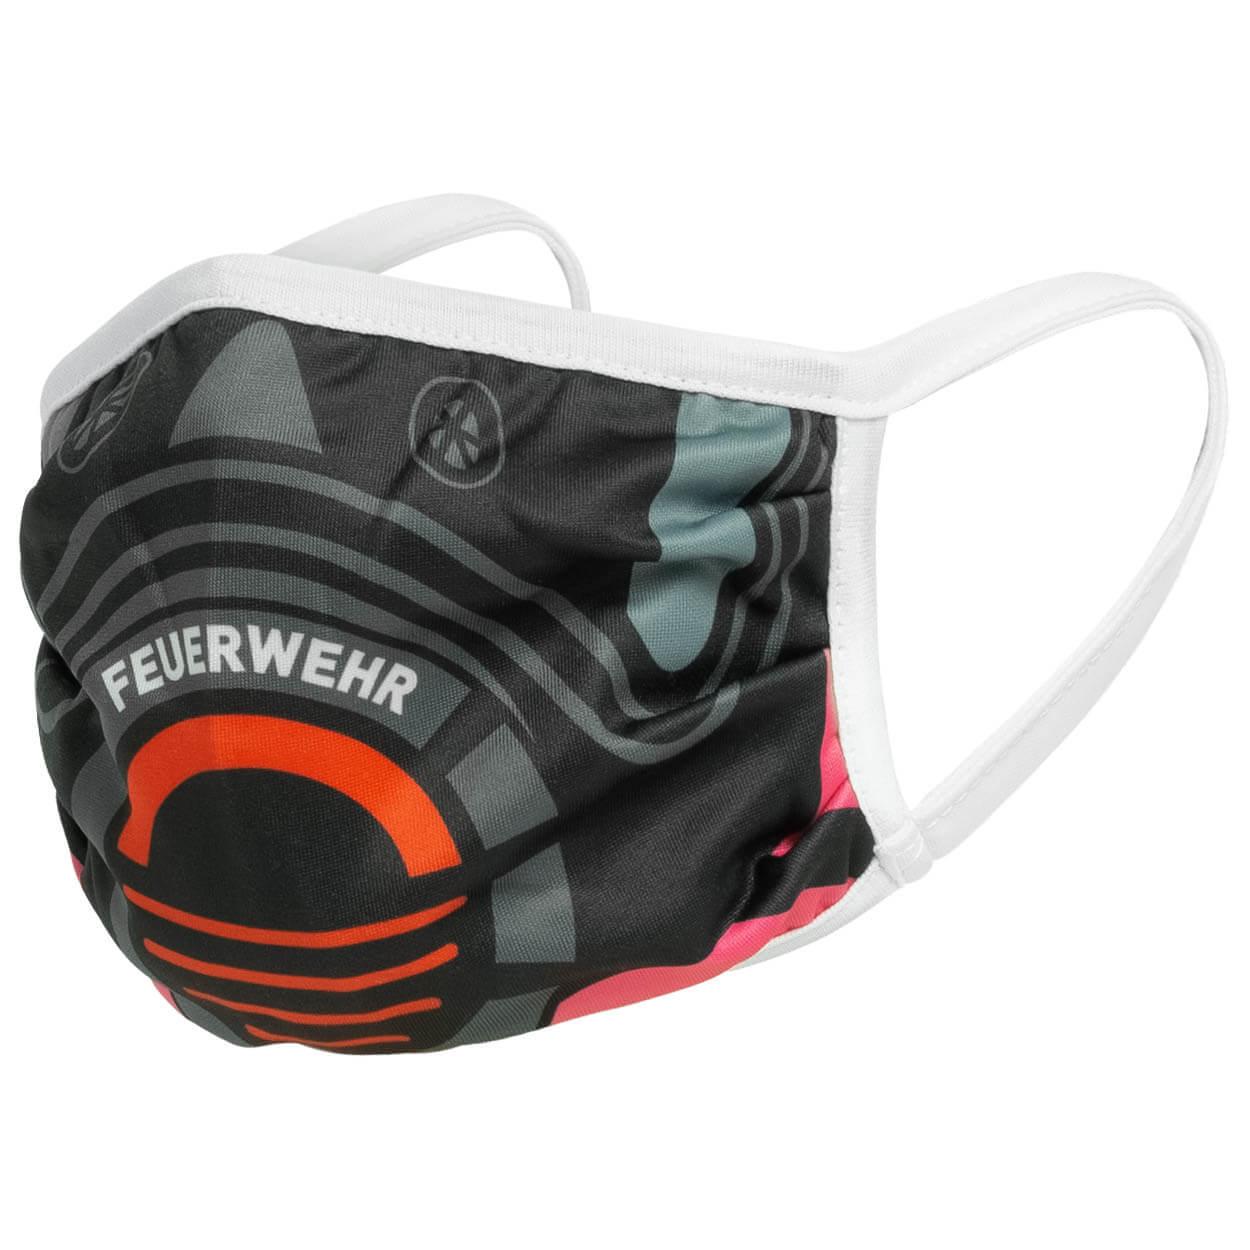 Alltagsmaske Feuerwehr Atemschutz pink